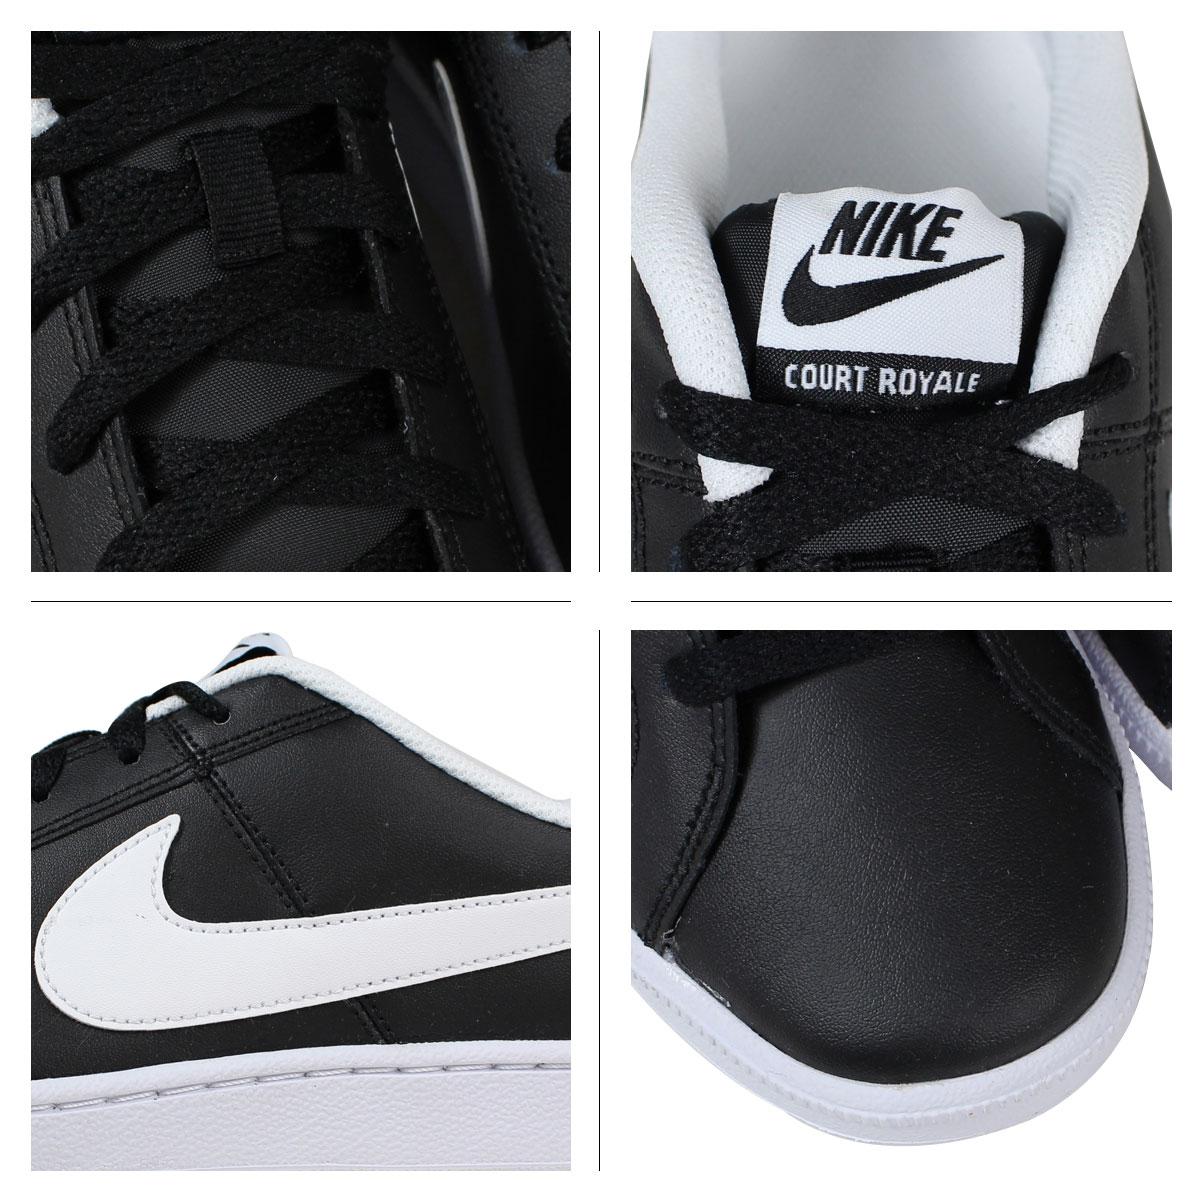 耐克 Nike 外套皇家法院皇家 749747-010 運動鞋男裝鞋黑